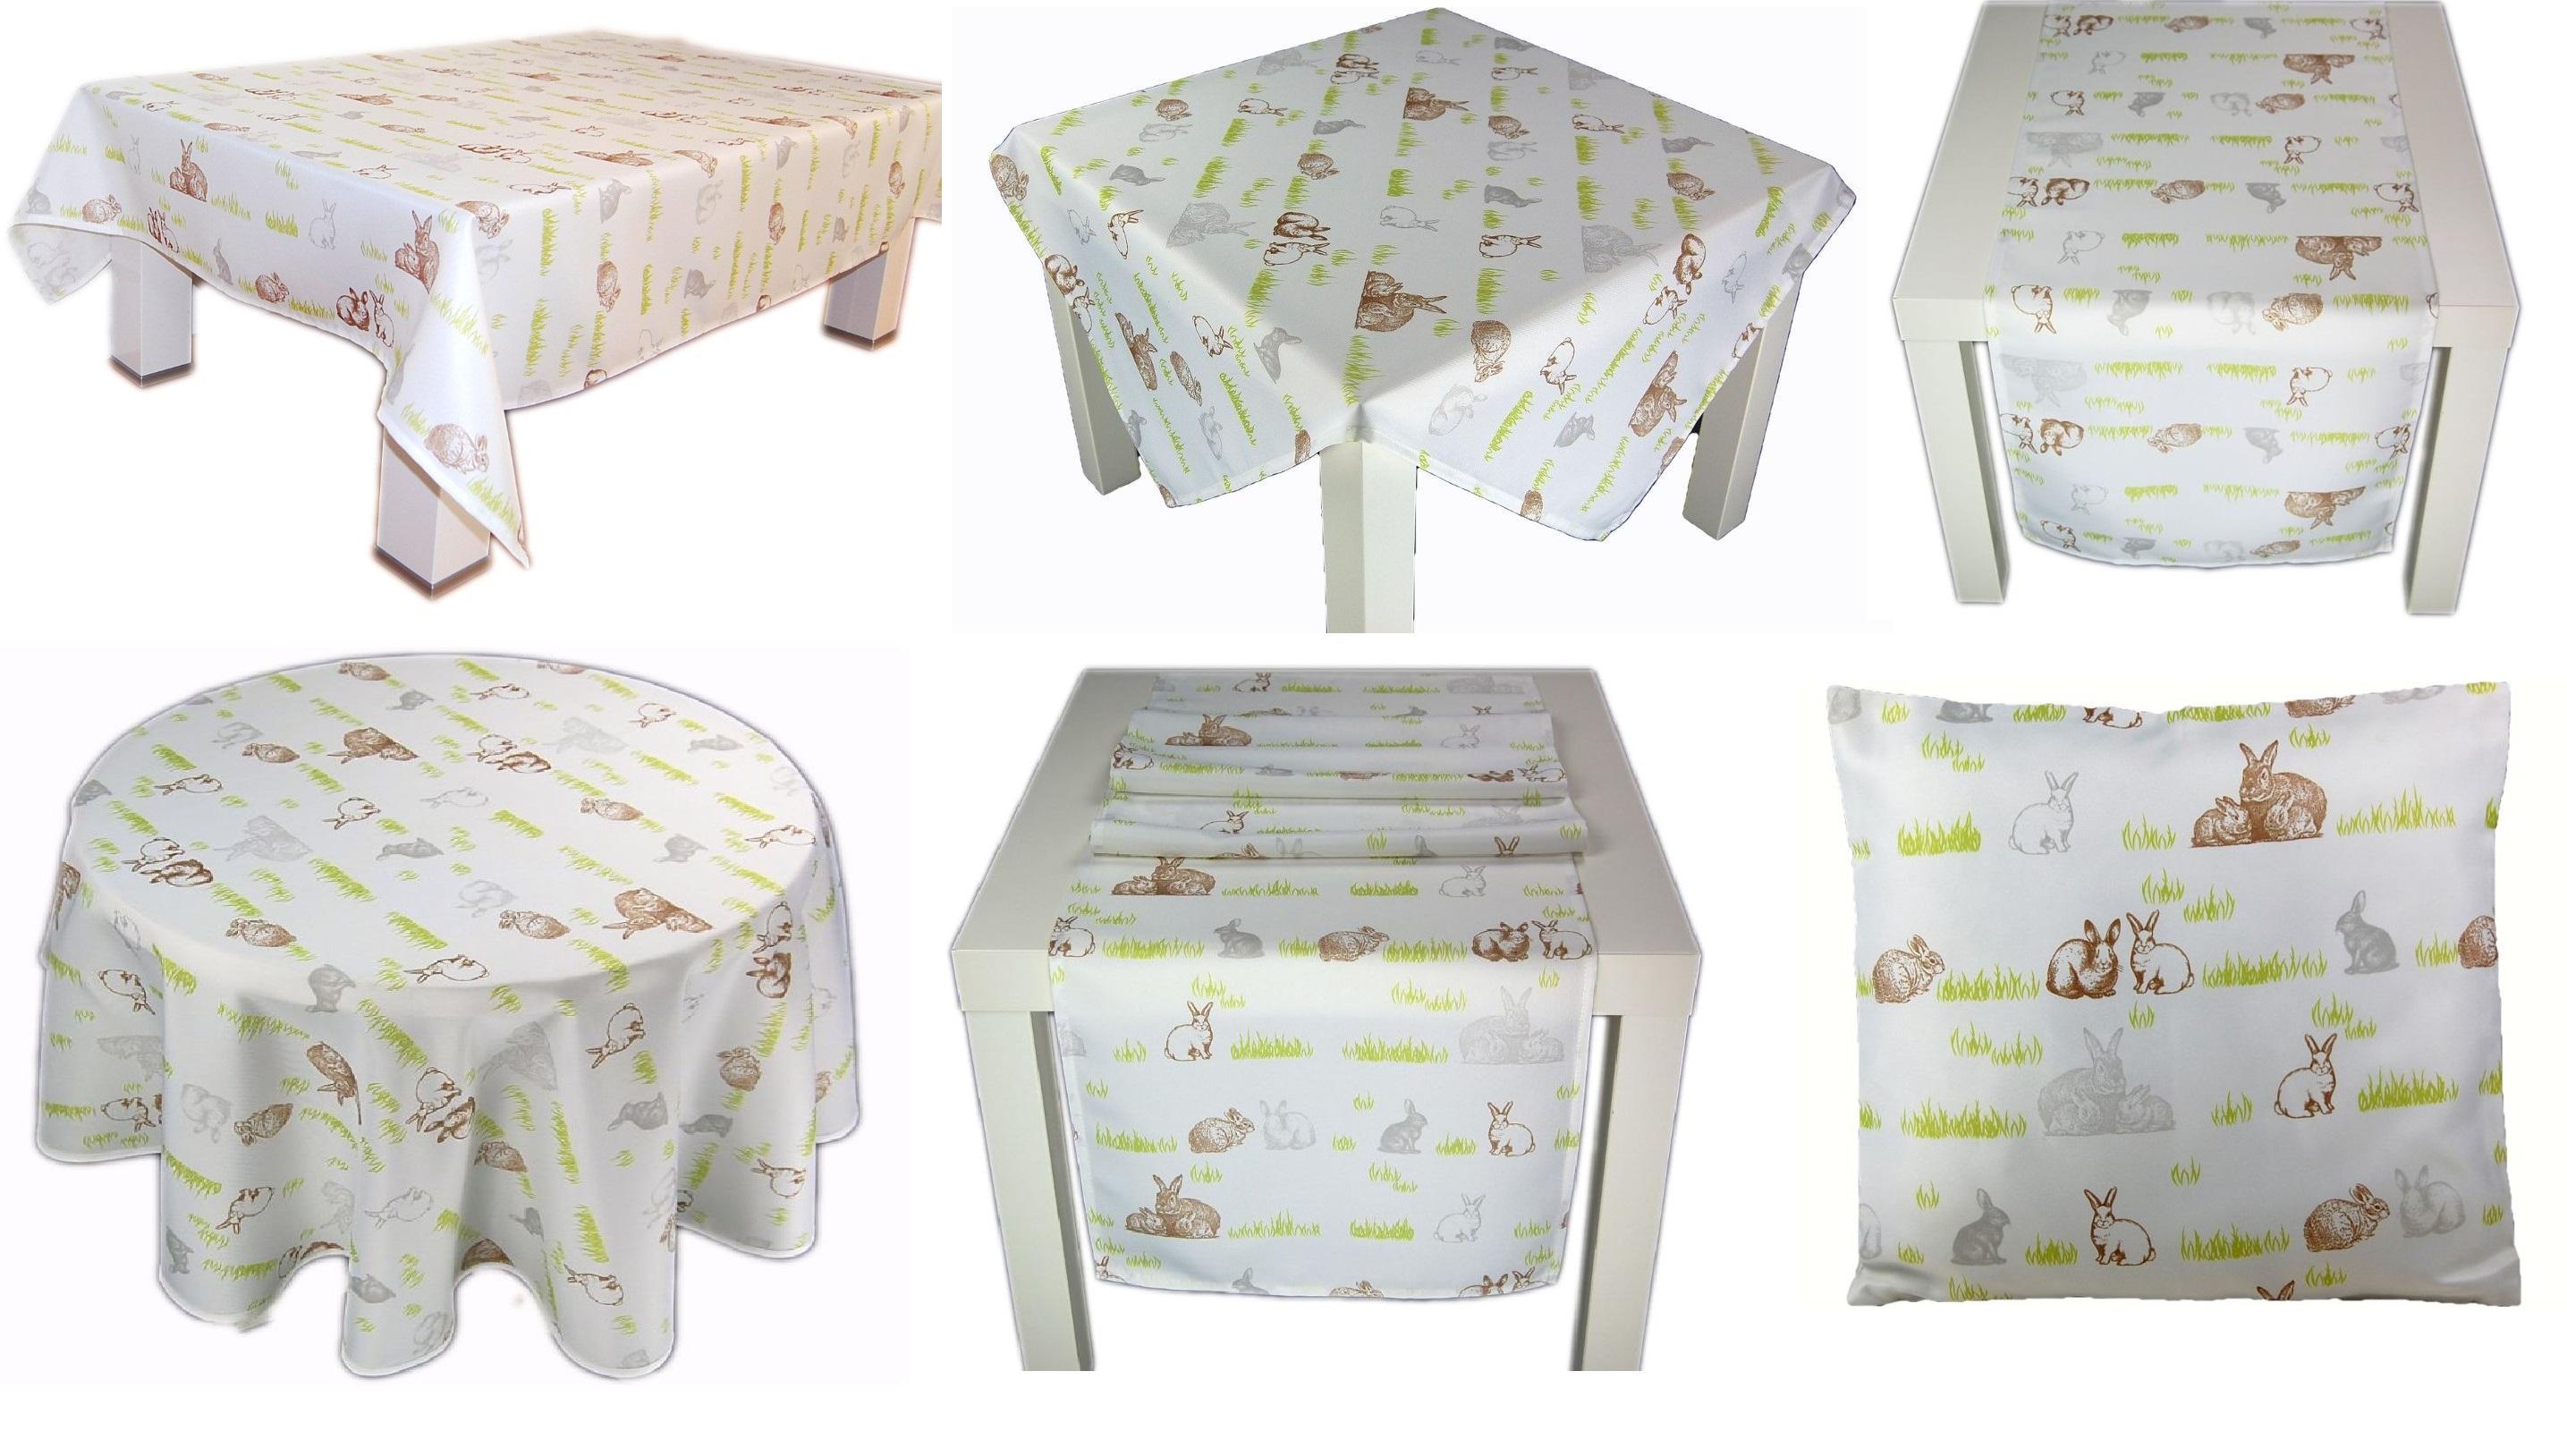 Tischdecke Leinen Decke Läufer Frühling Vintage Tischläufer Kissenhülle Kissen